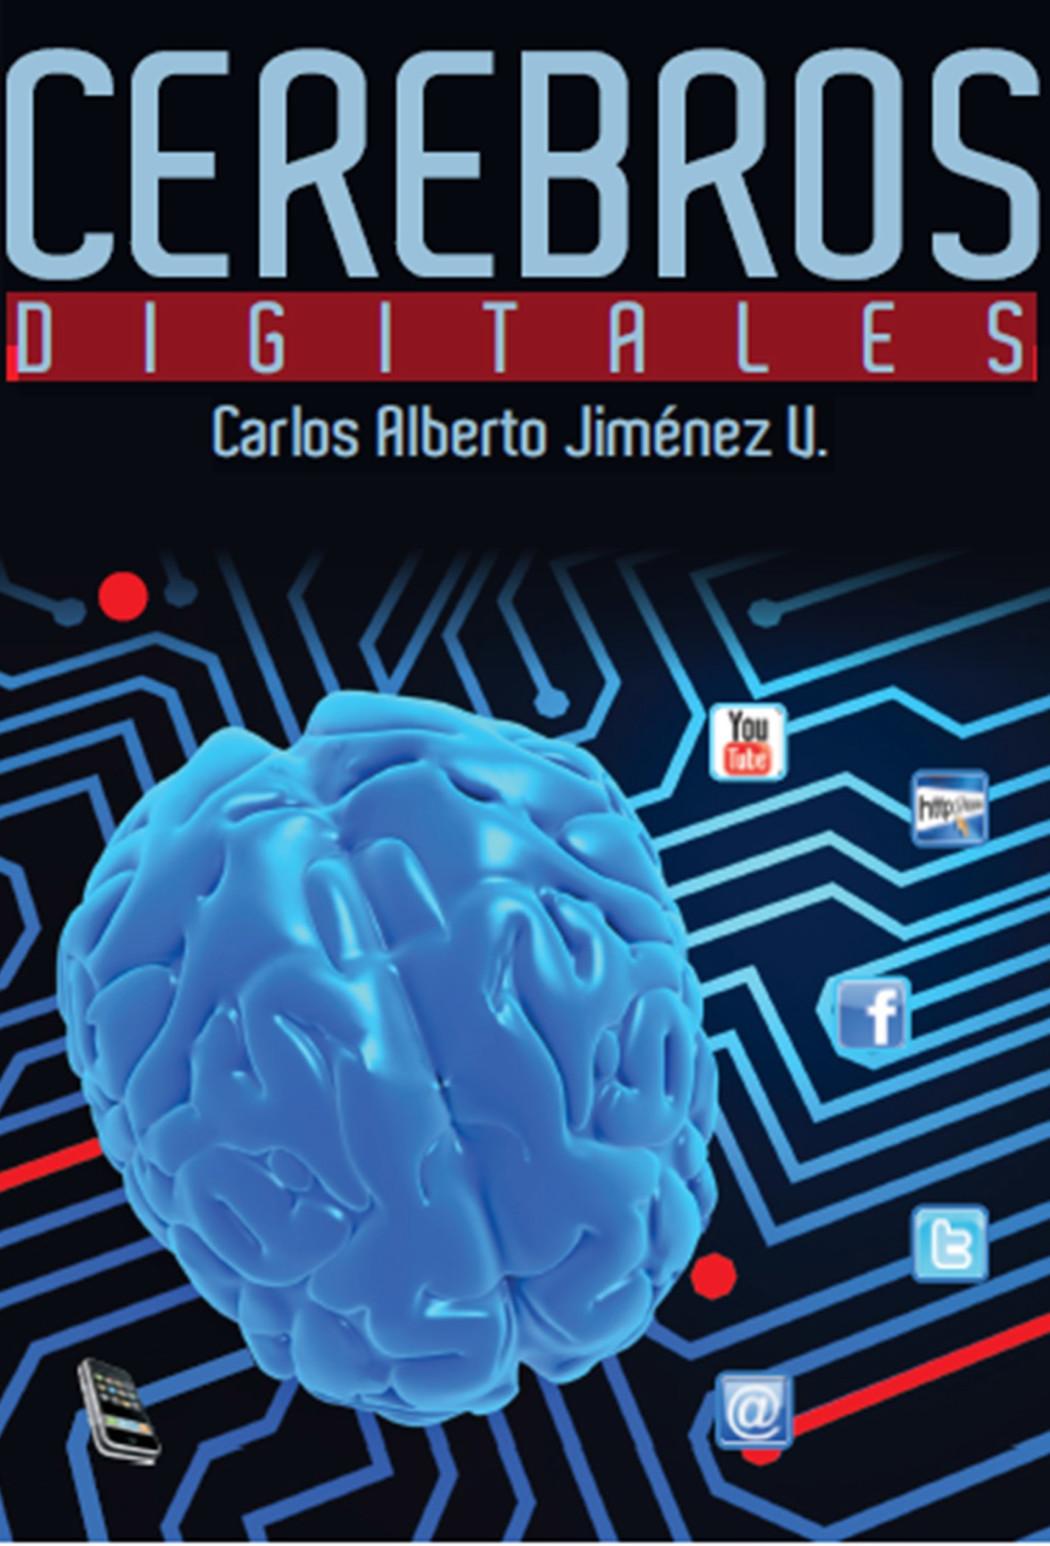 librosestrella_cerebros-digitales